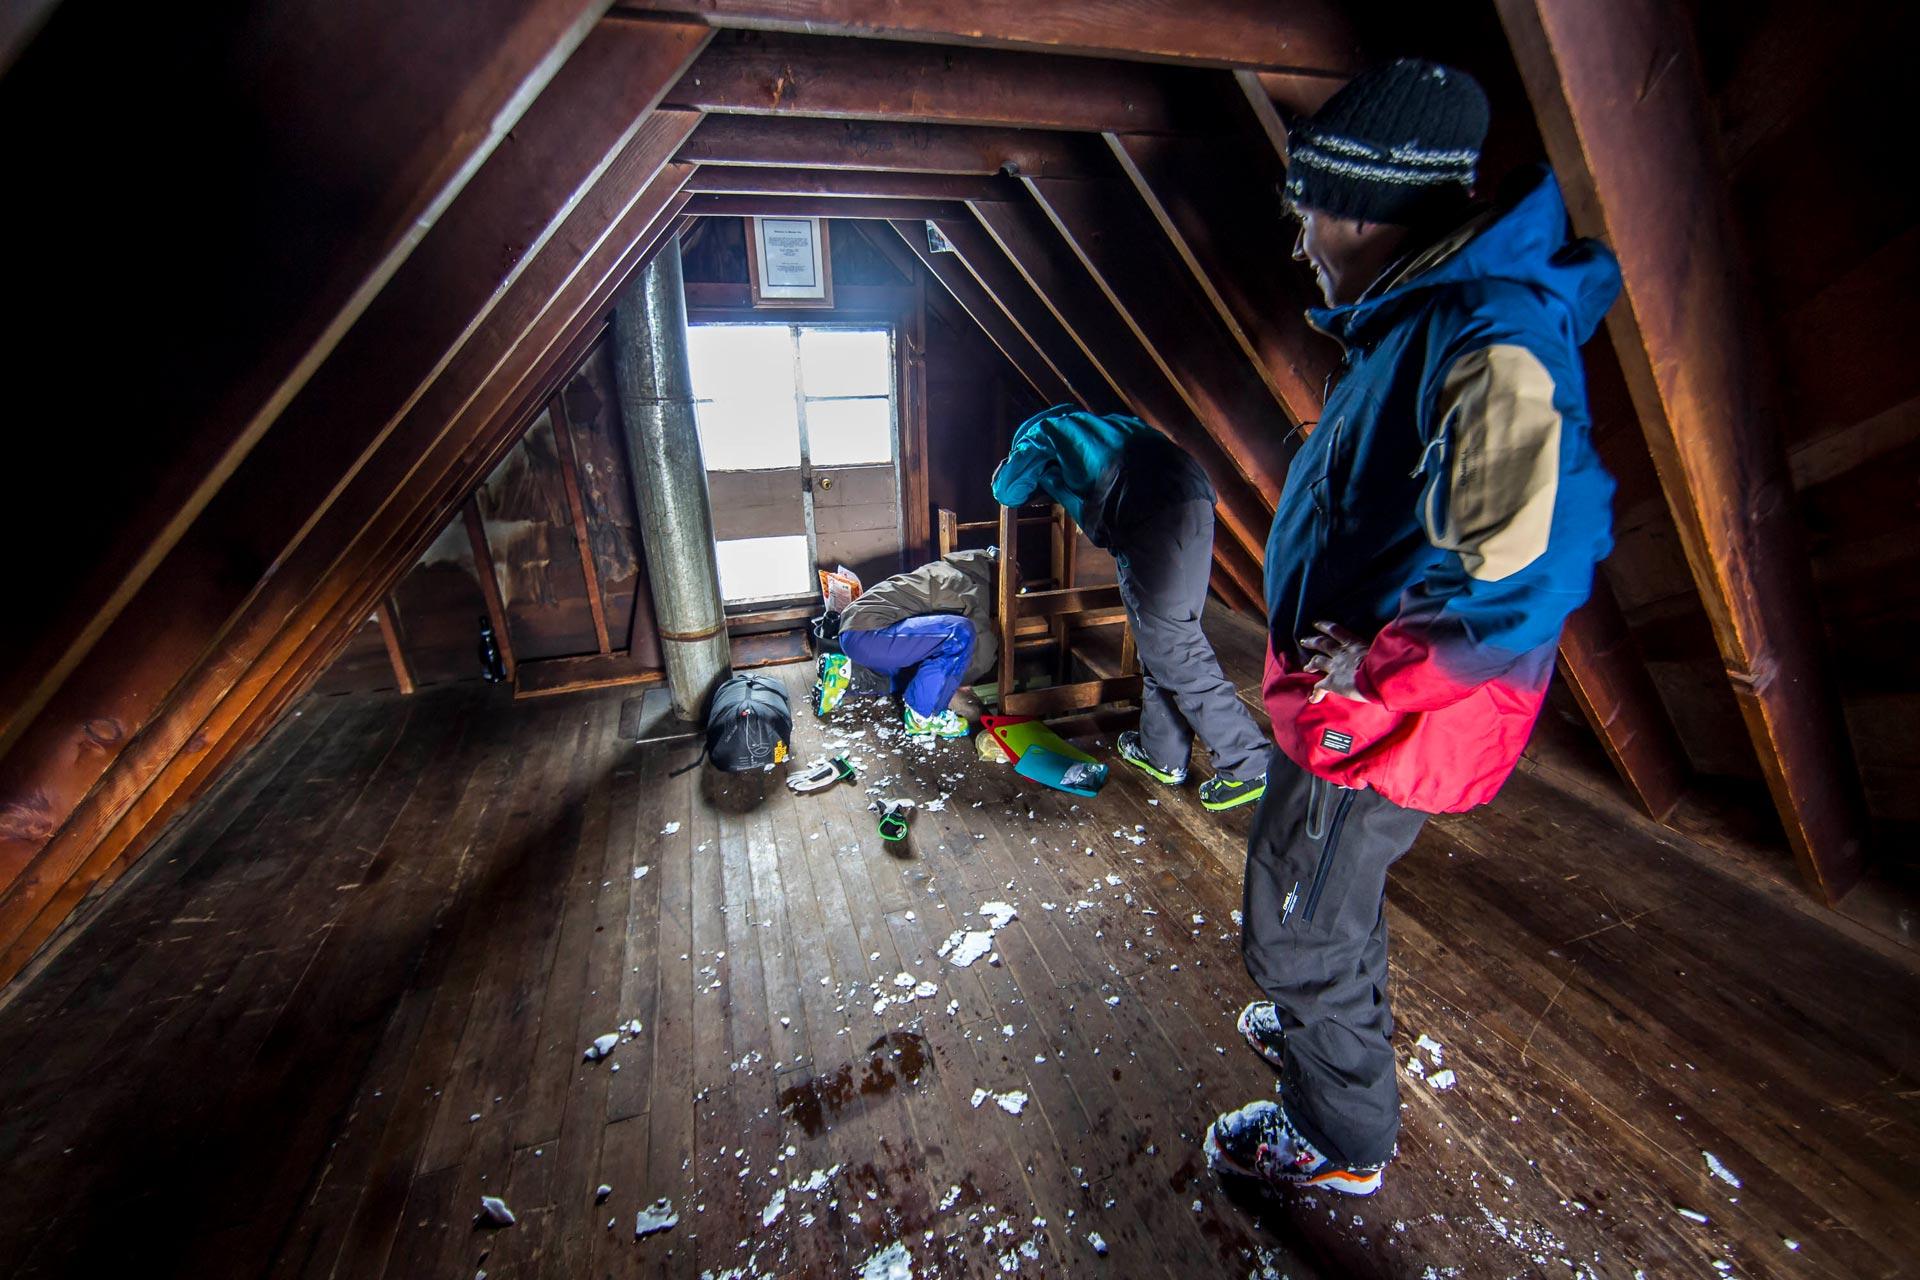 Innen in der Benson Hütte ist alles in Ordnung. Ein idealer Ausgangspunkt für weitere Splitboardtouren.